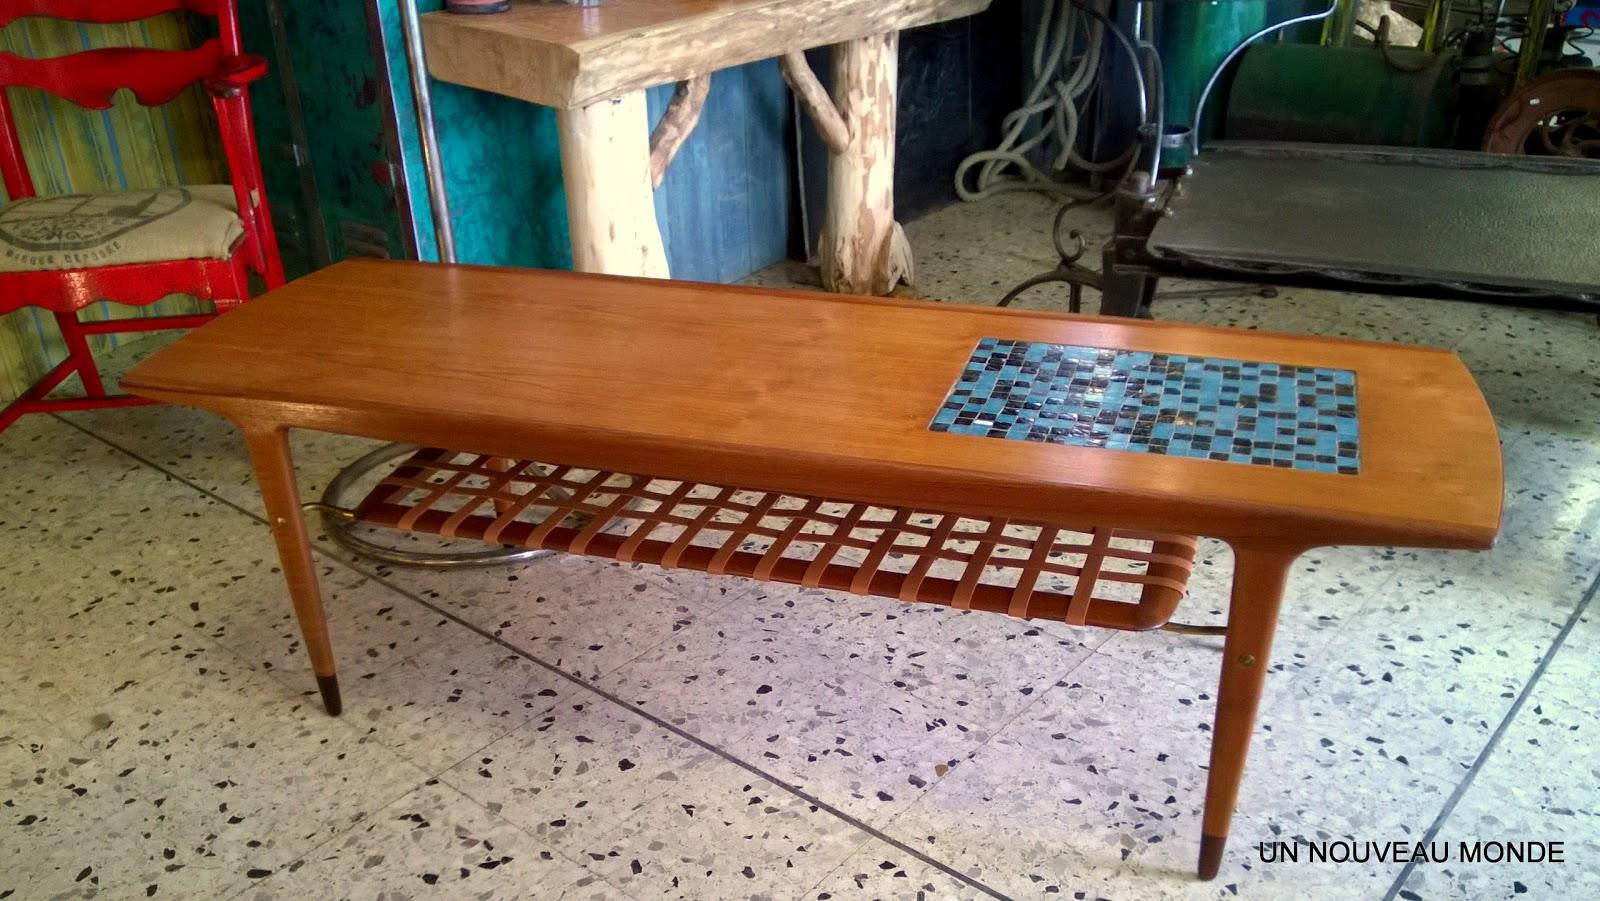 Table basse scandinave annee 50 table basse en bois for Table basse scandinave annee 50